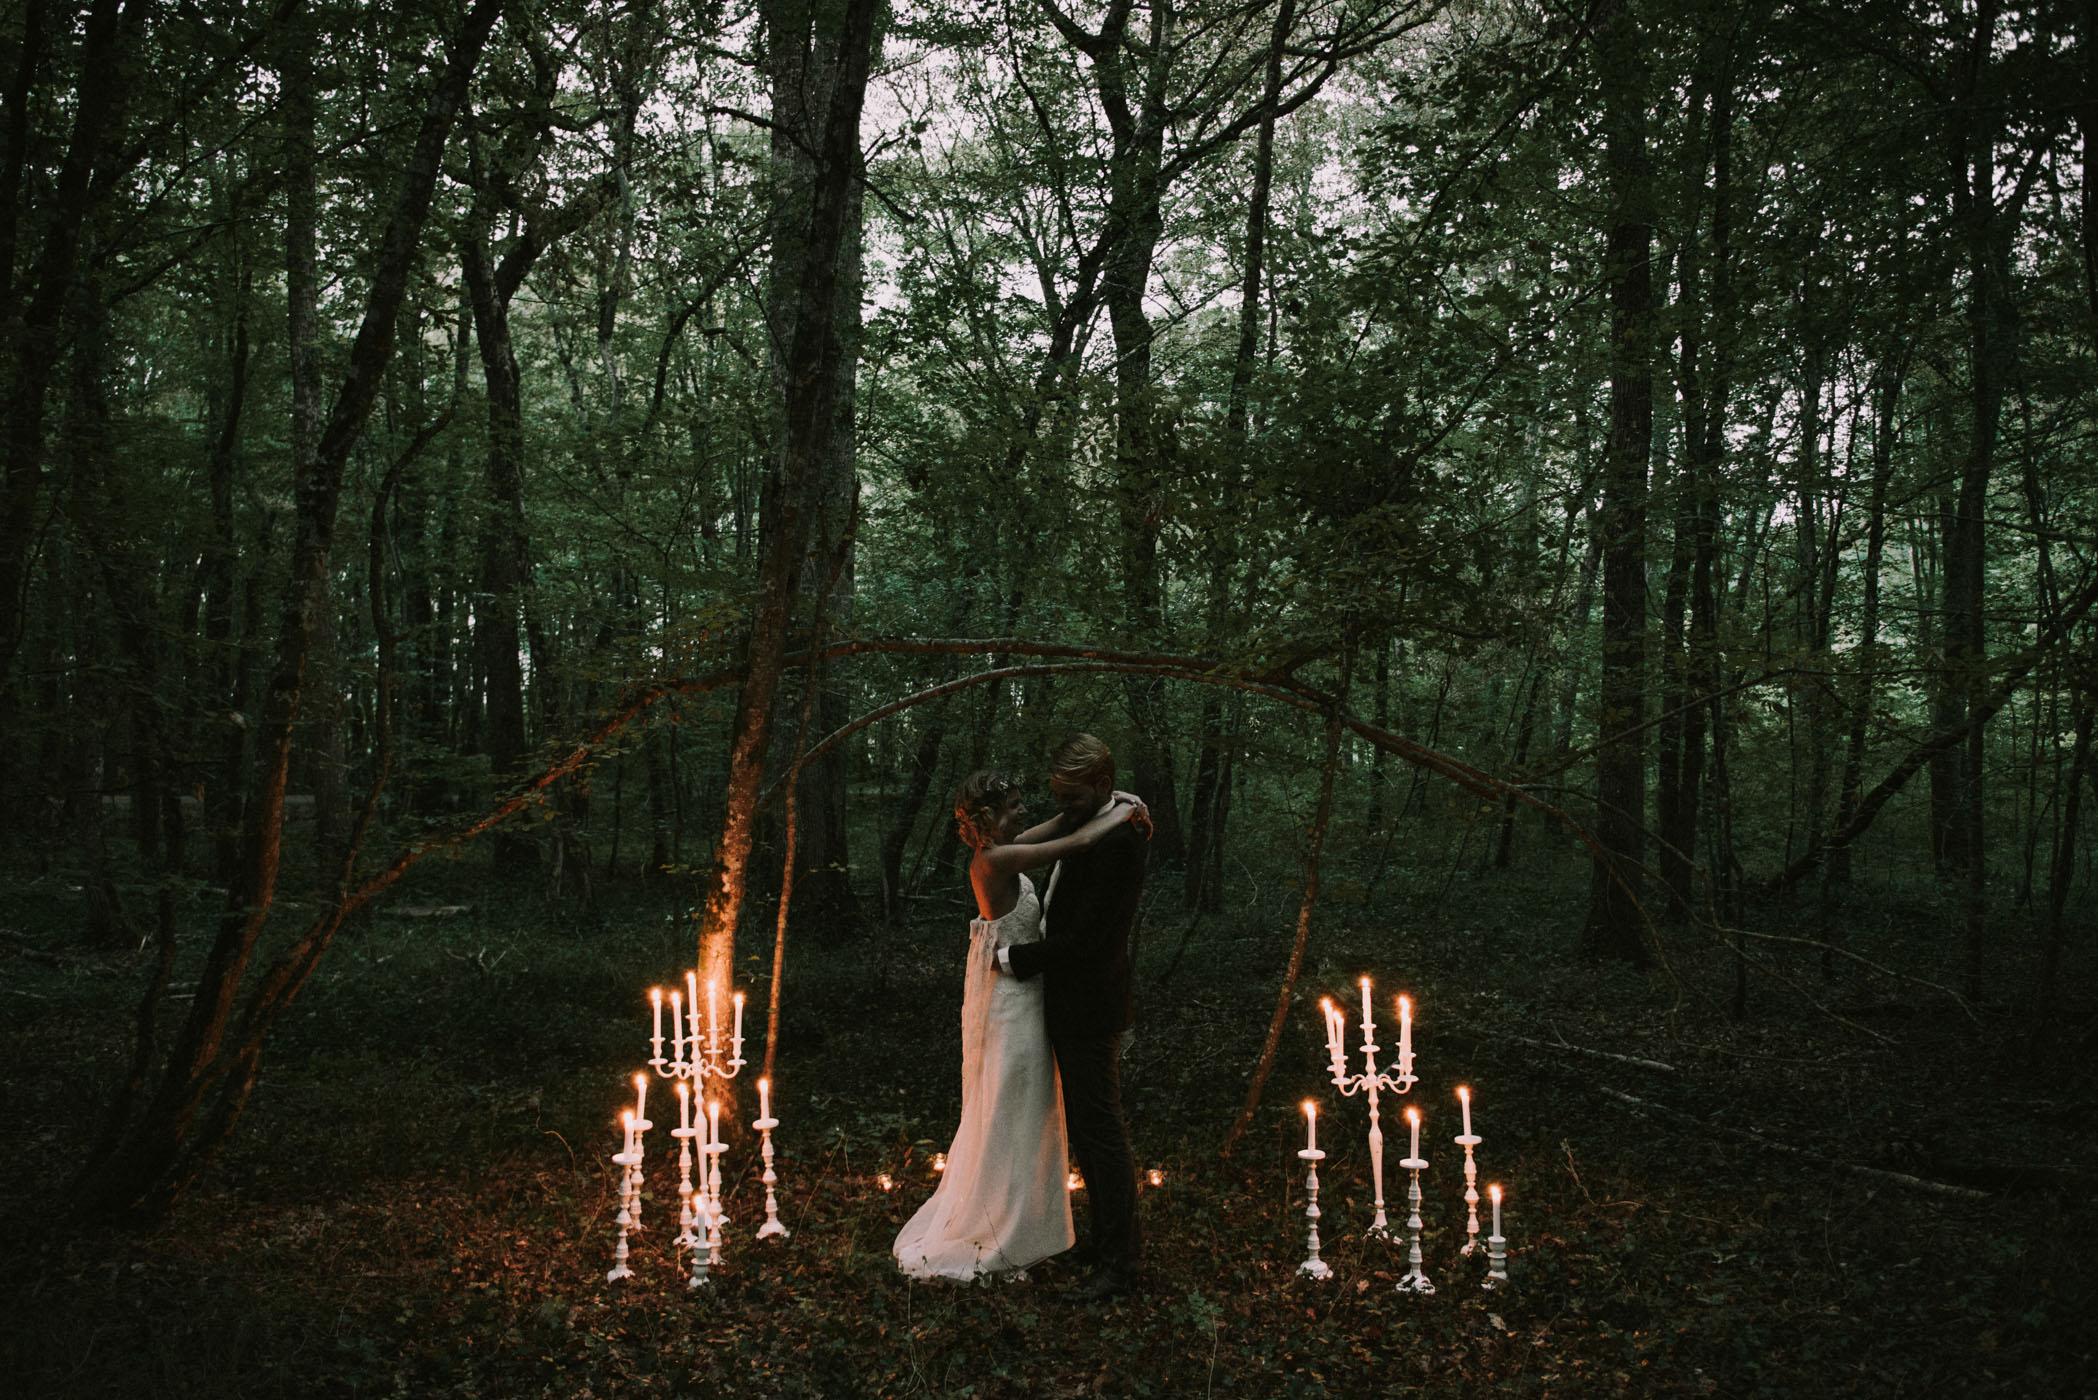 sun-drops-down-shooting-dinspiration-automnal-sous-les-bois-en-dordogne-blog-mariage-la-mariee-sous-les-etoiles-photo-mira-al-pajarito-36